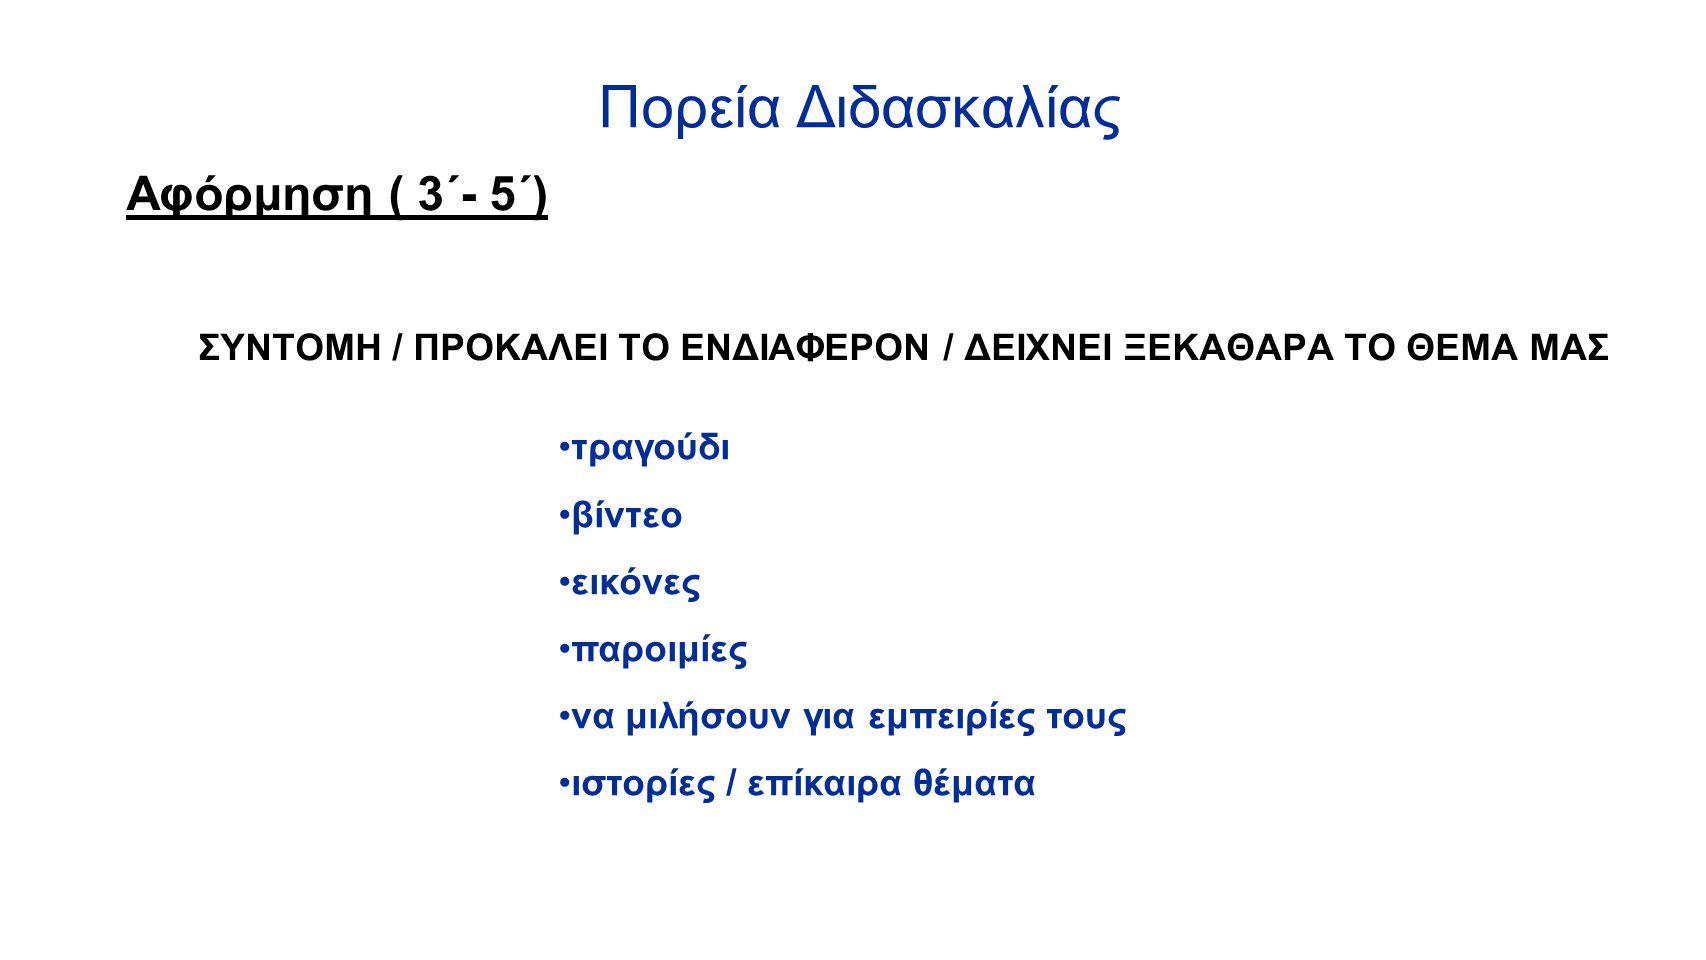 Πορεία Διδασκαλίας Αφόρμηση ( 3΄- 5΄) ΣΥΝΤΟΜΗ / ΠΡΟΚΑΛΕΙ ΤΟ ΕΝΔΙΑΦΕΡΟΝ / ΔΕΙΧΝΕΙ ΞΕΚΑΘΑΡΑ ΤΟ ΘΕΜΑ ΜΑΣ τραγούδι βίντεο εικόνες παροιμίες να μιλήσουν γι